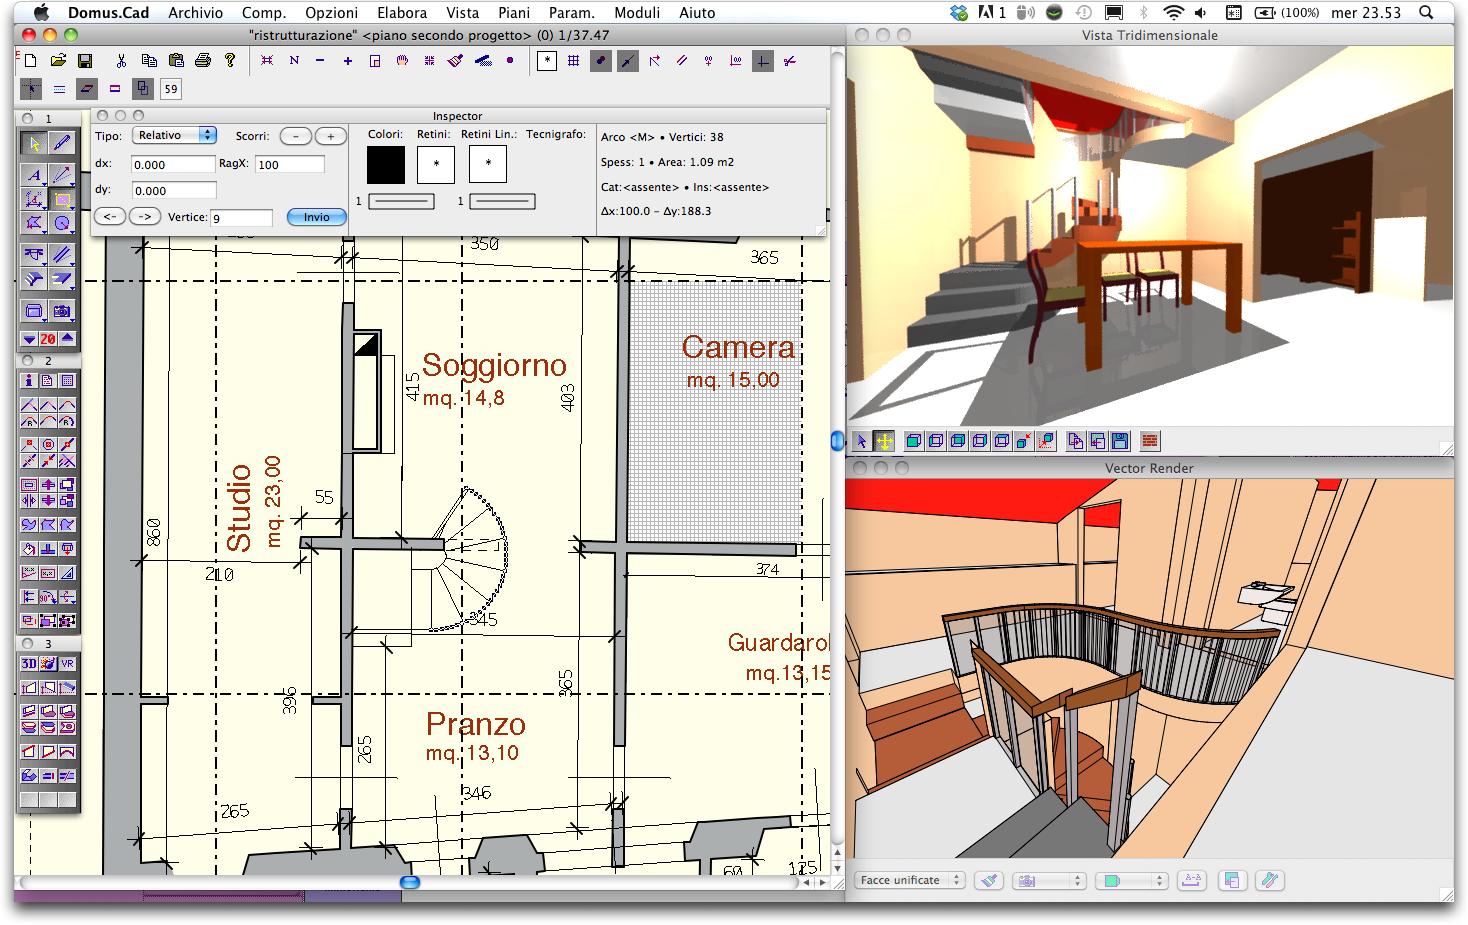 Il cad domus cad pro 2 edubase gratuito per studenti for Programma architettura gratis